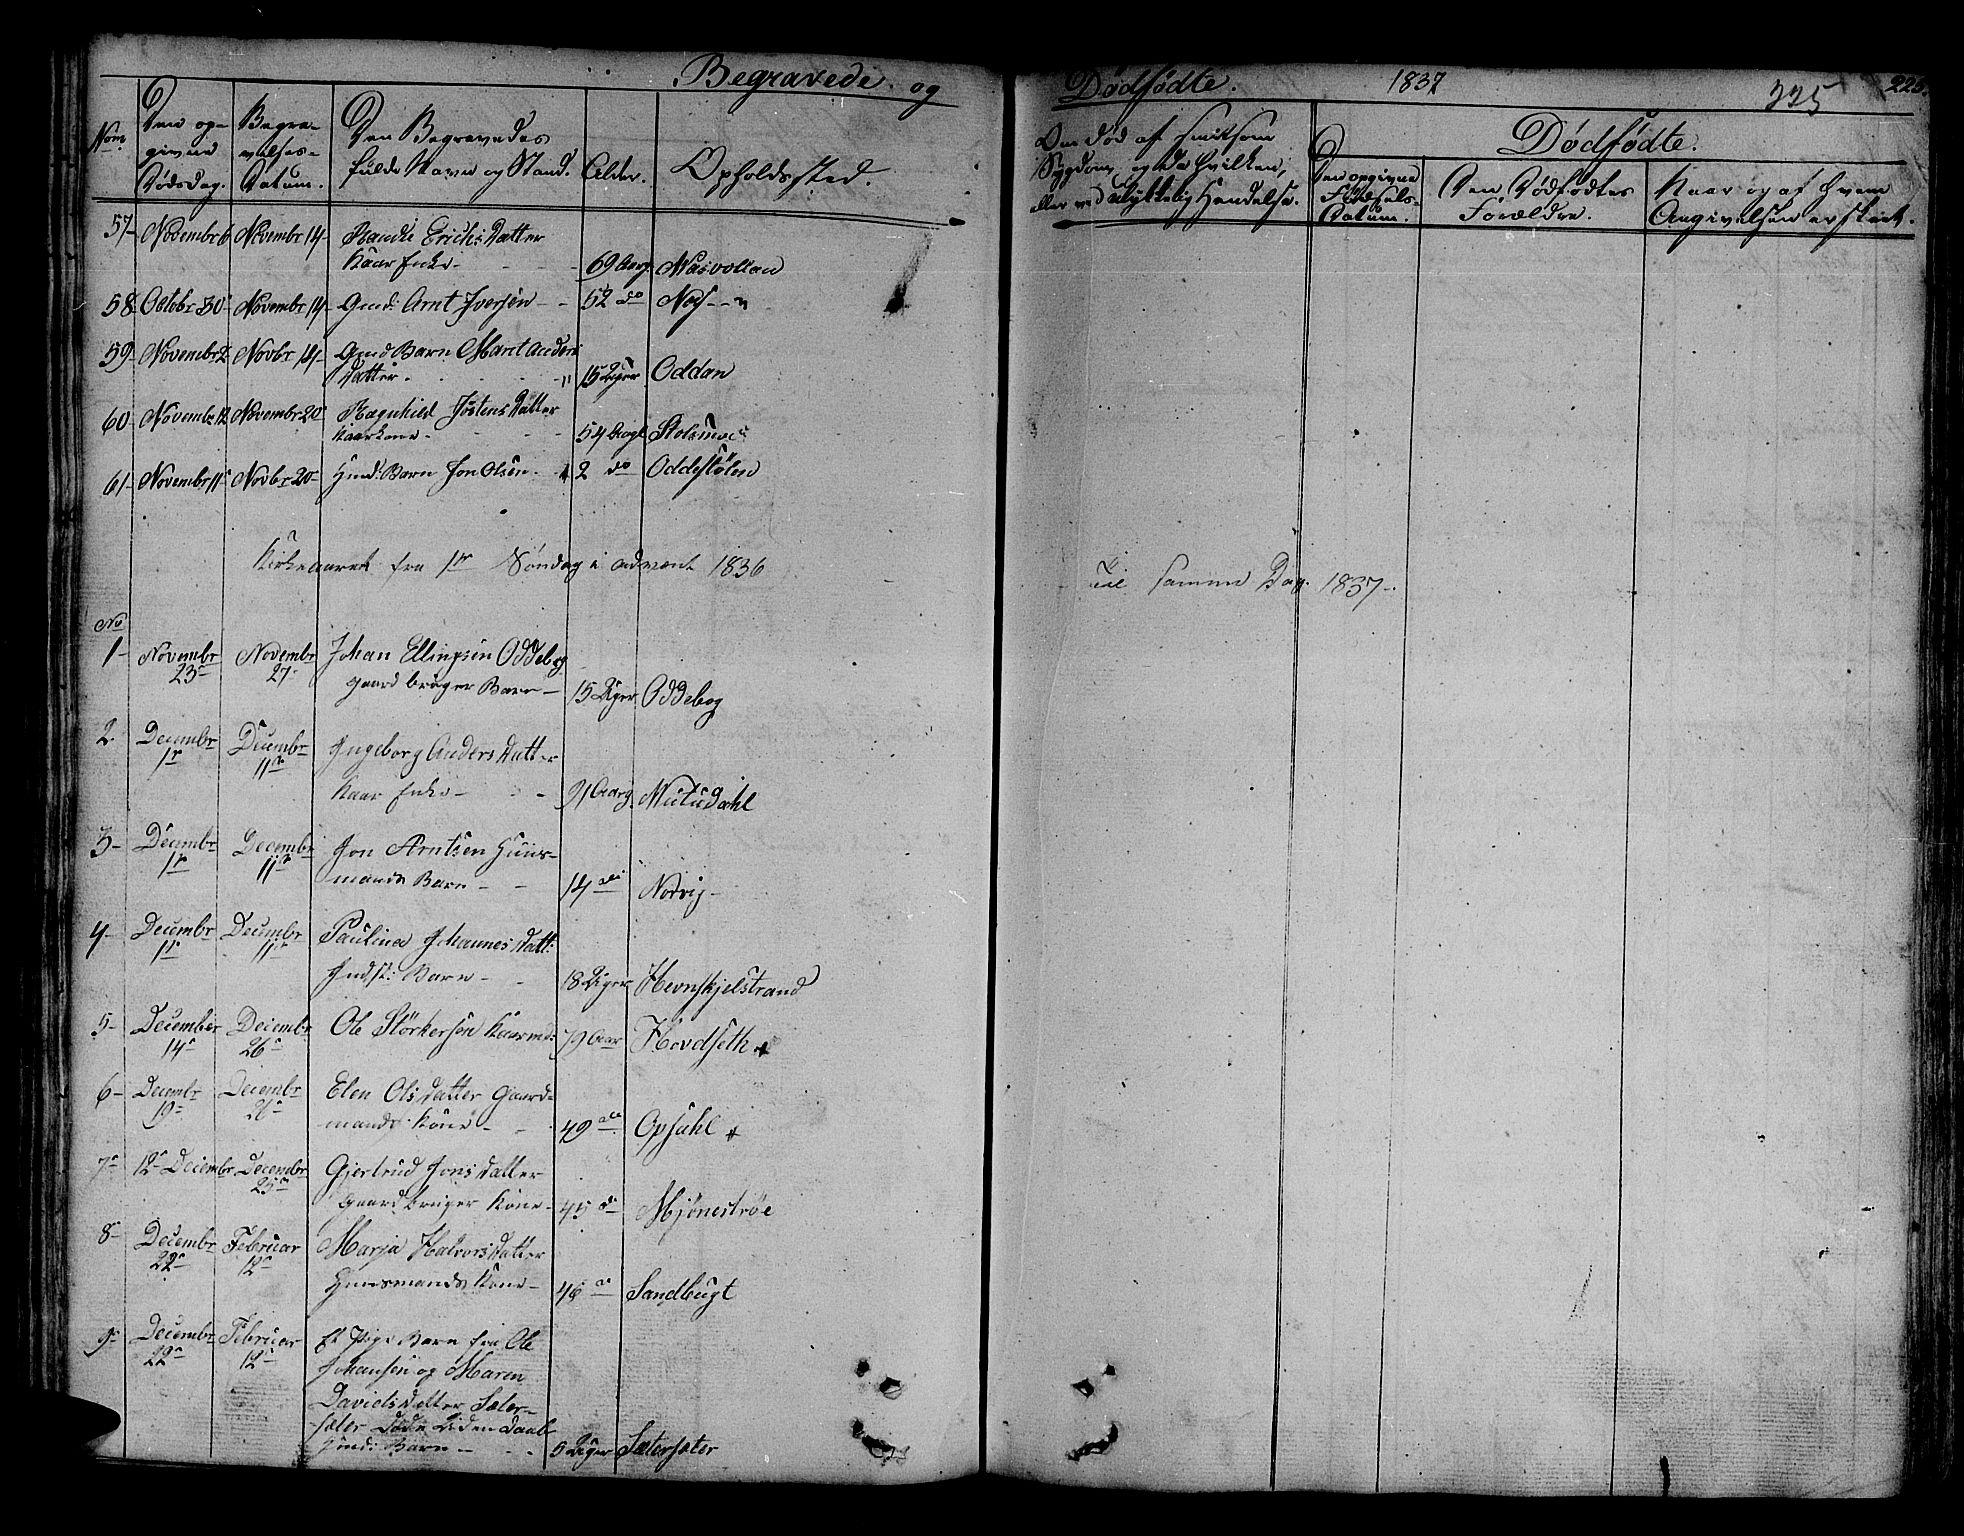 SAT, Ministerialprotokoller, klokkerbøker og fødselsregistre - Sør-Trøndelag, 630/L0492: Ministerialbok nr. 630A05, 1830-1840, s. 225